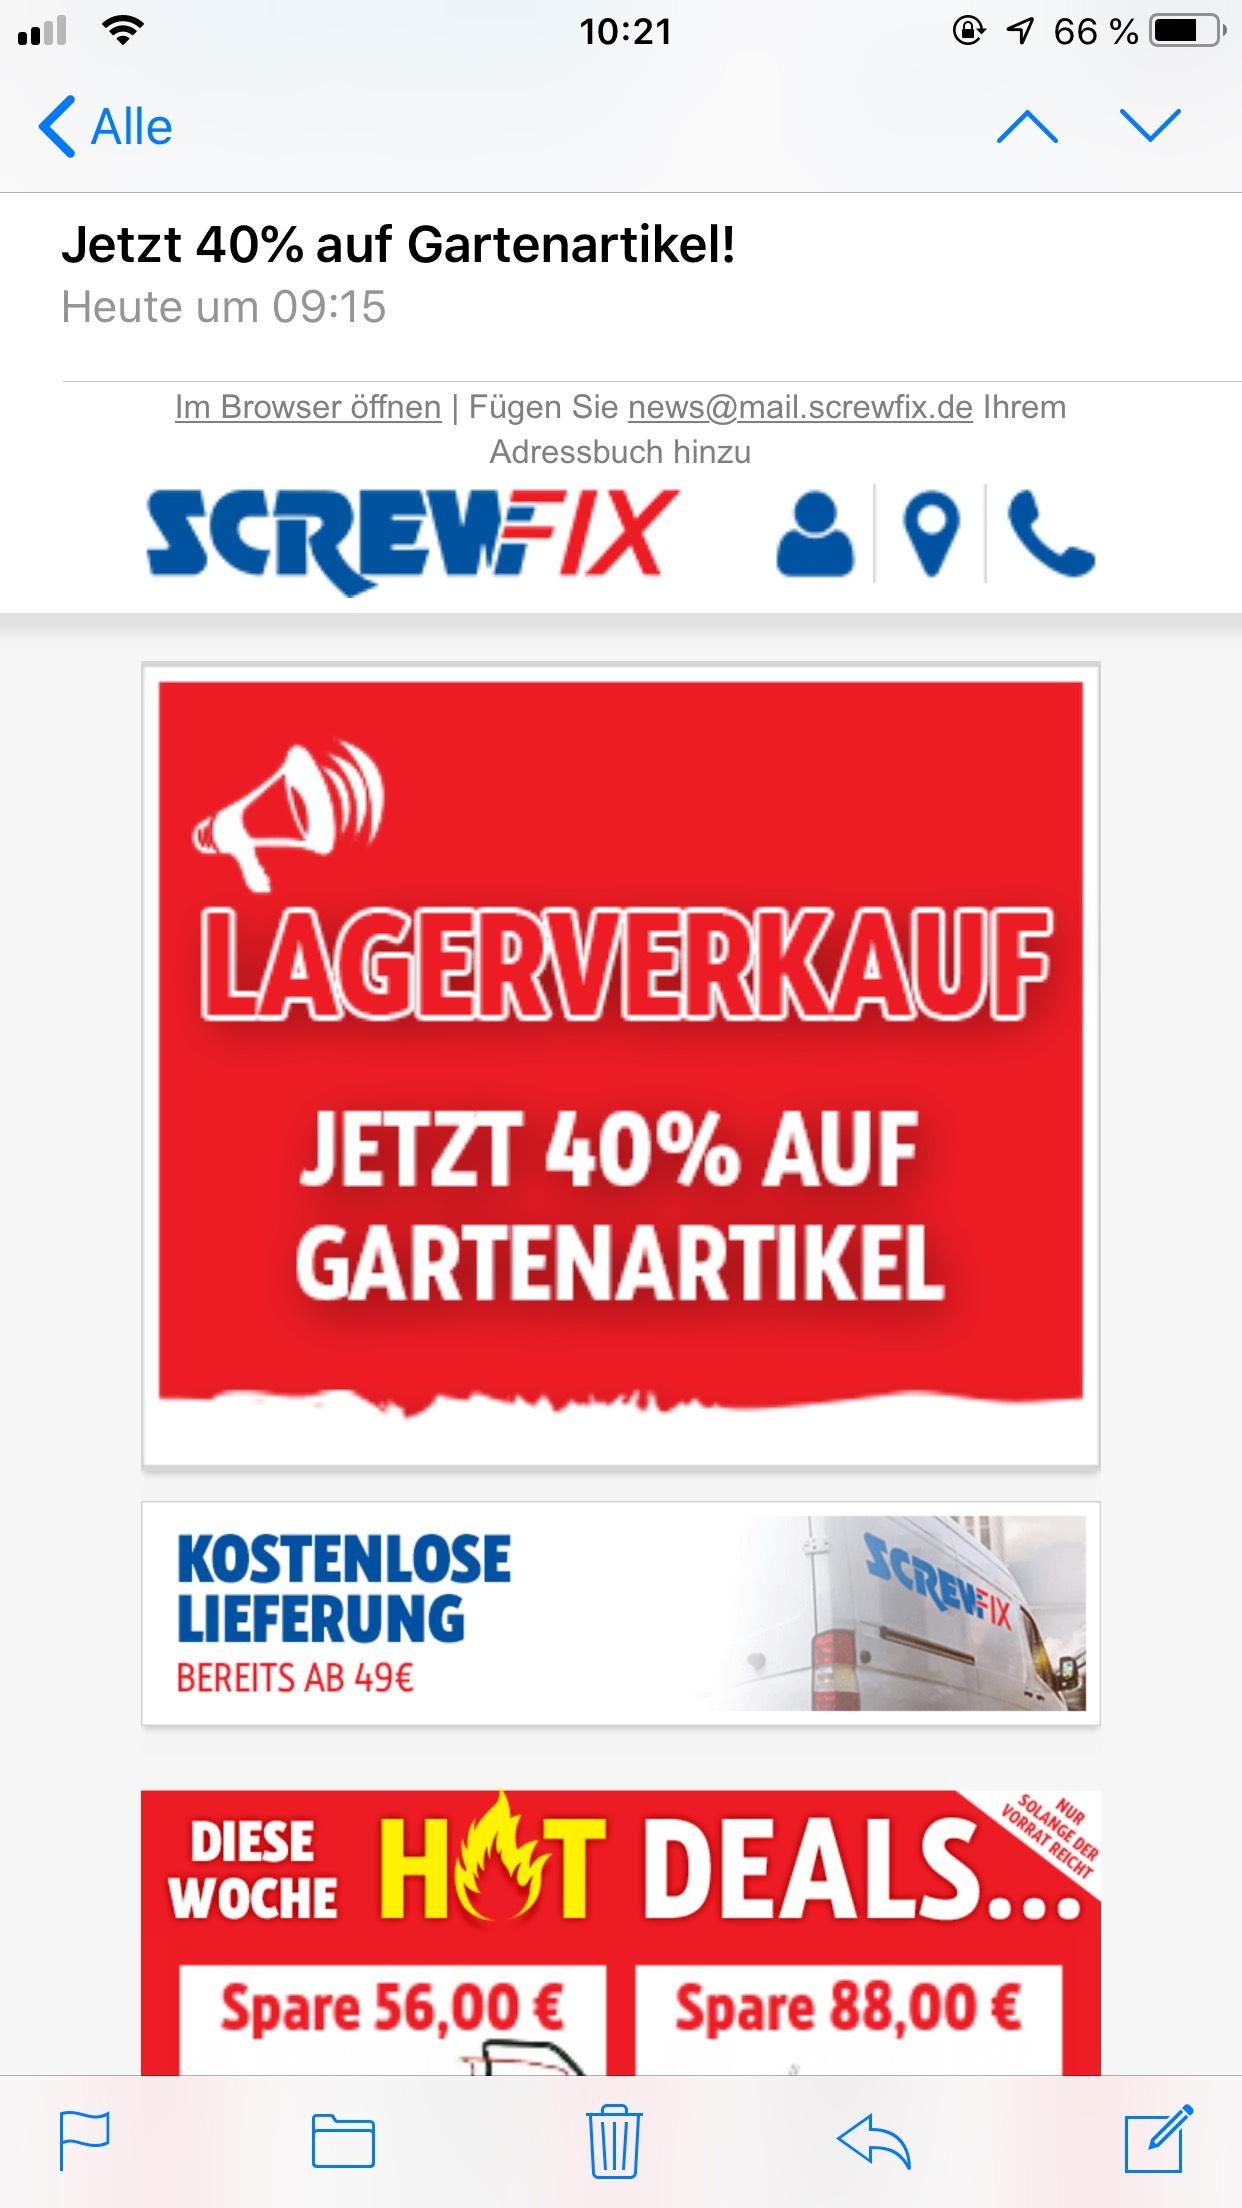 Screwfix nun auch 40% statt 20% auf Garten Artikel schnell sein!